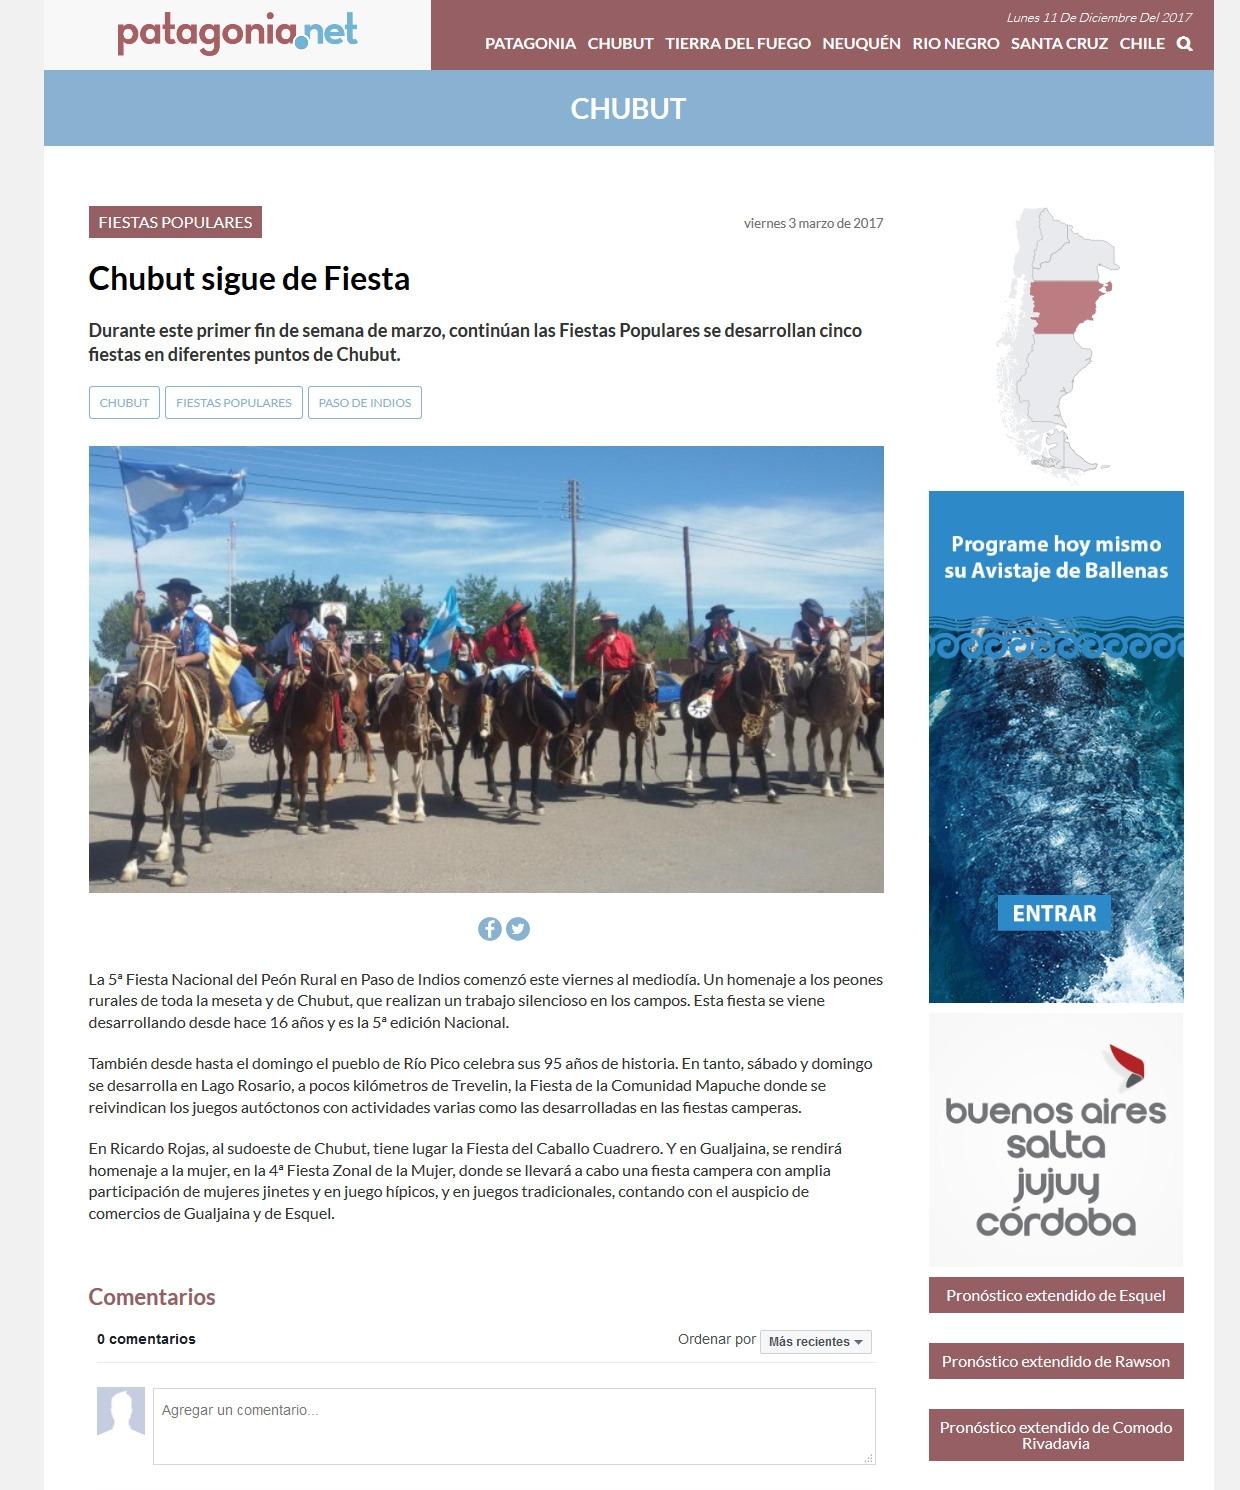 Patagonia Net